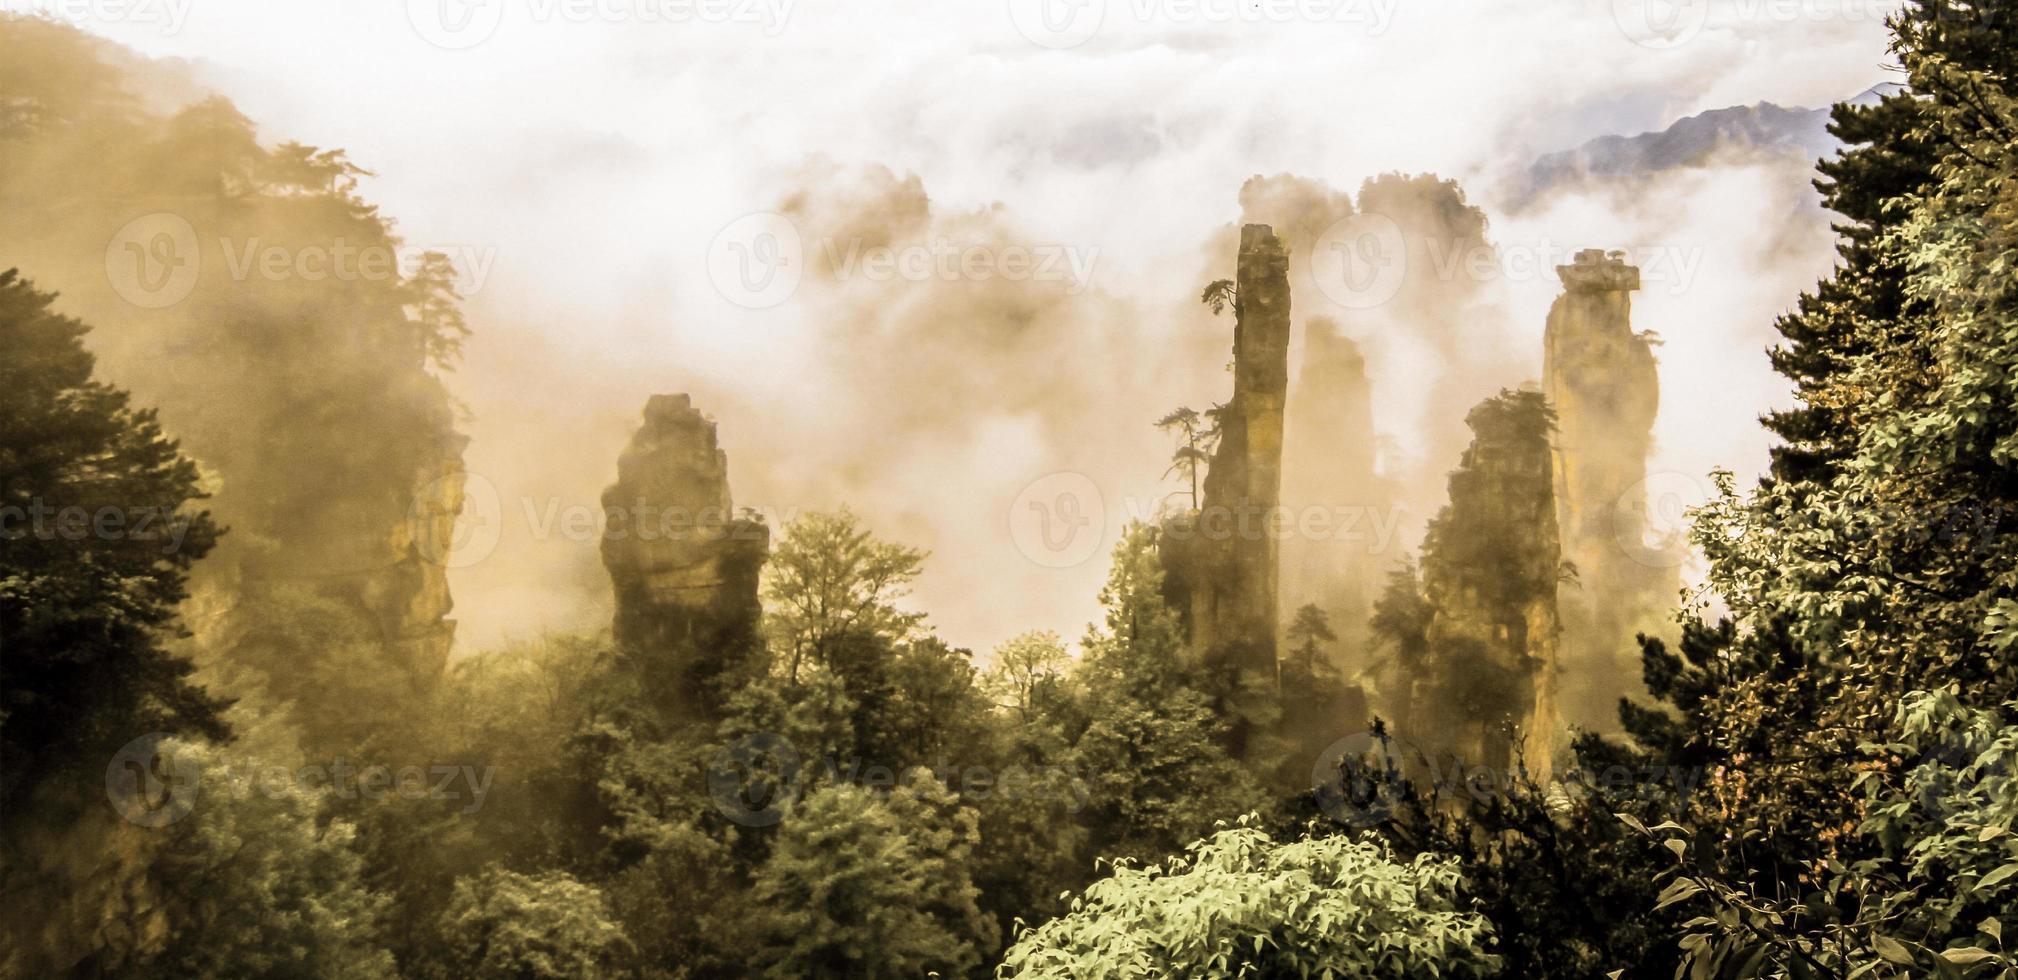 Zhangjiajie Misty Mountain Peaks in Serpia photo